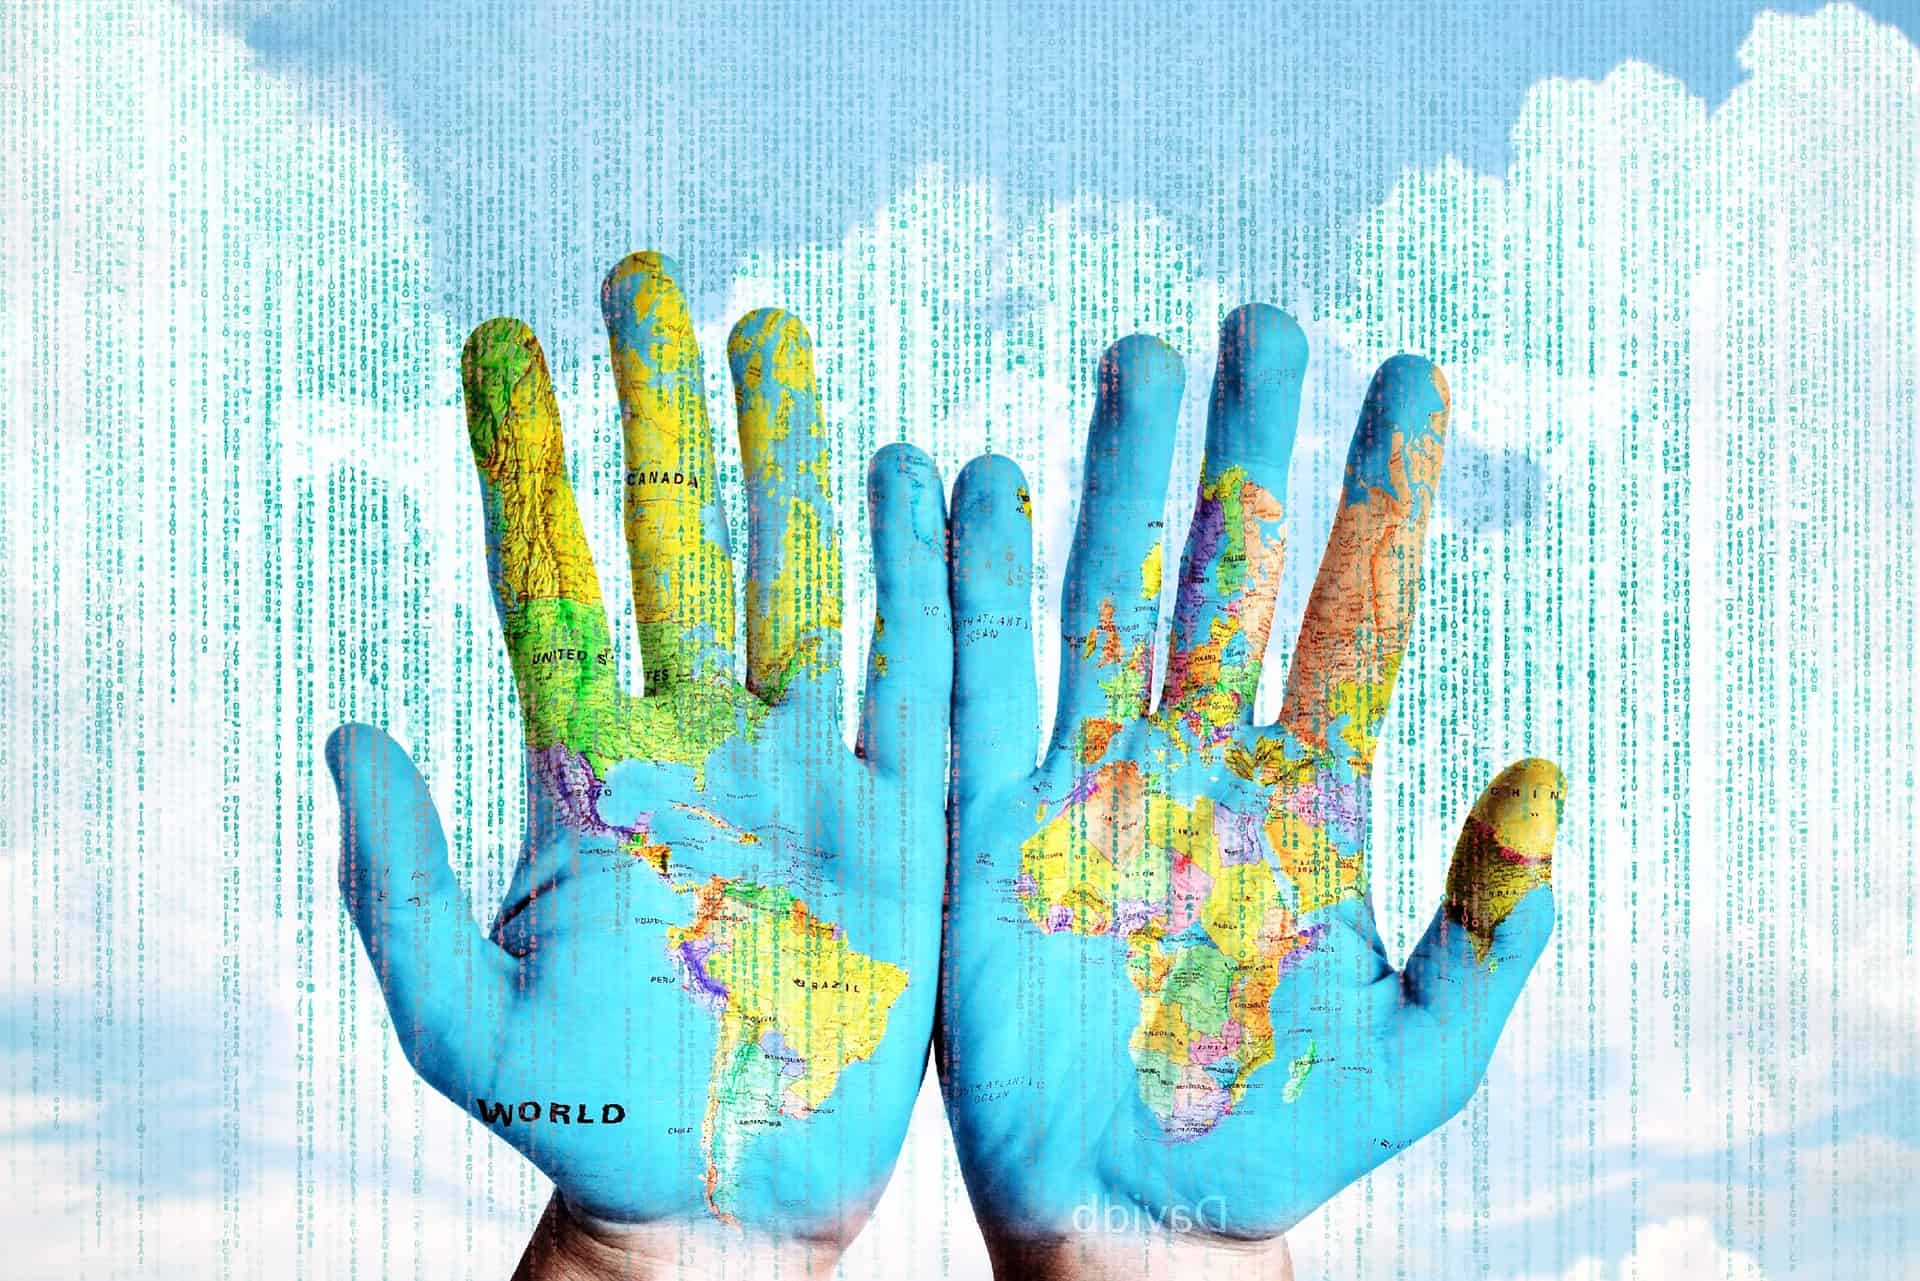 Le parole che puoi condividere fanno il giro del mondo in pochi secondi: devi sapere come sceglierle.